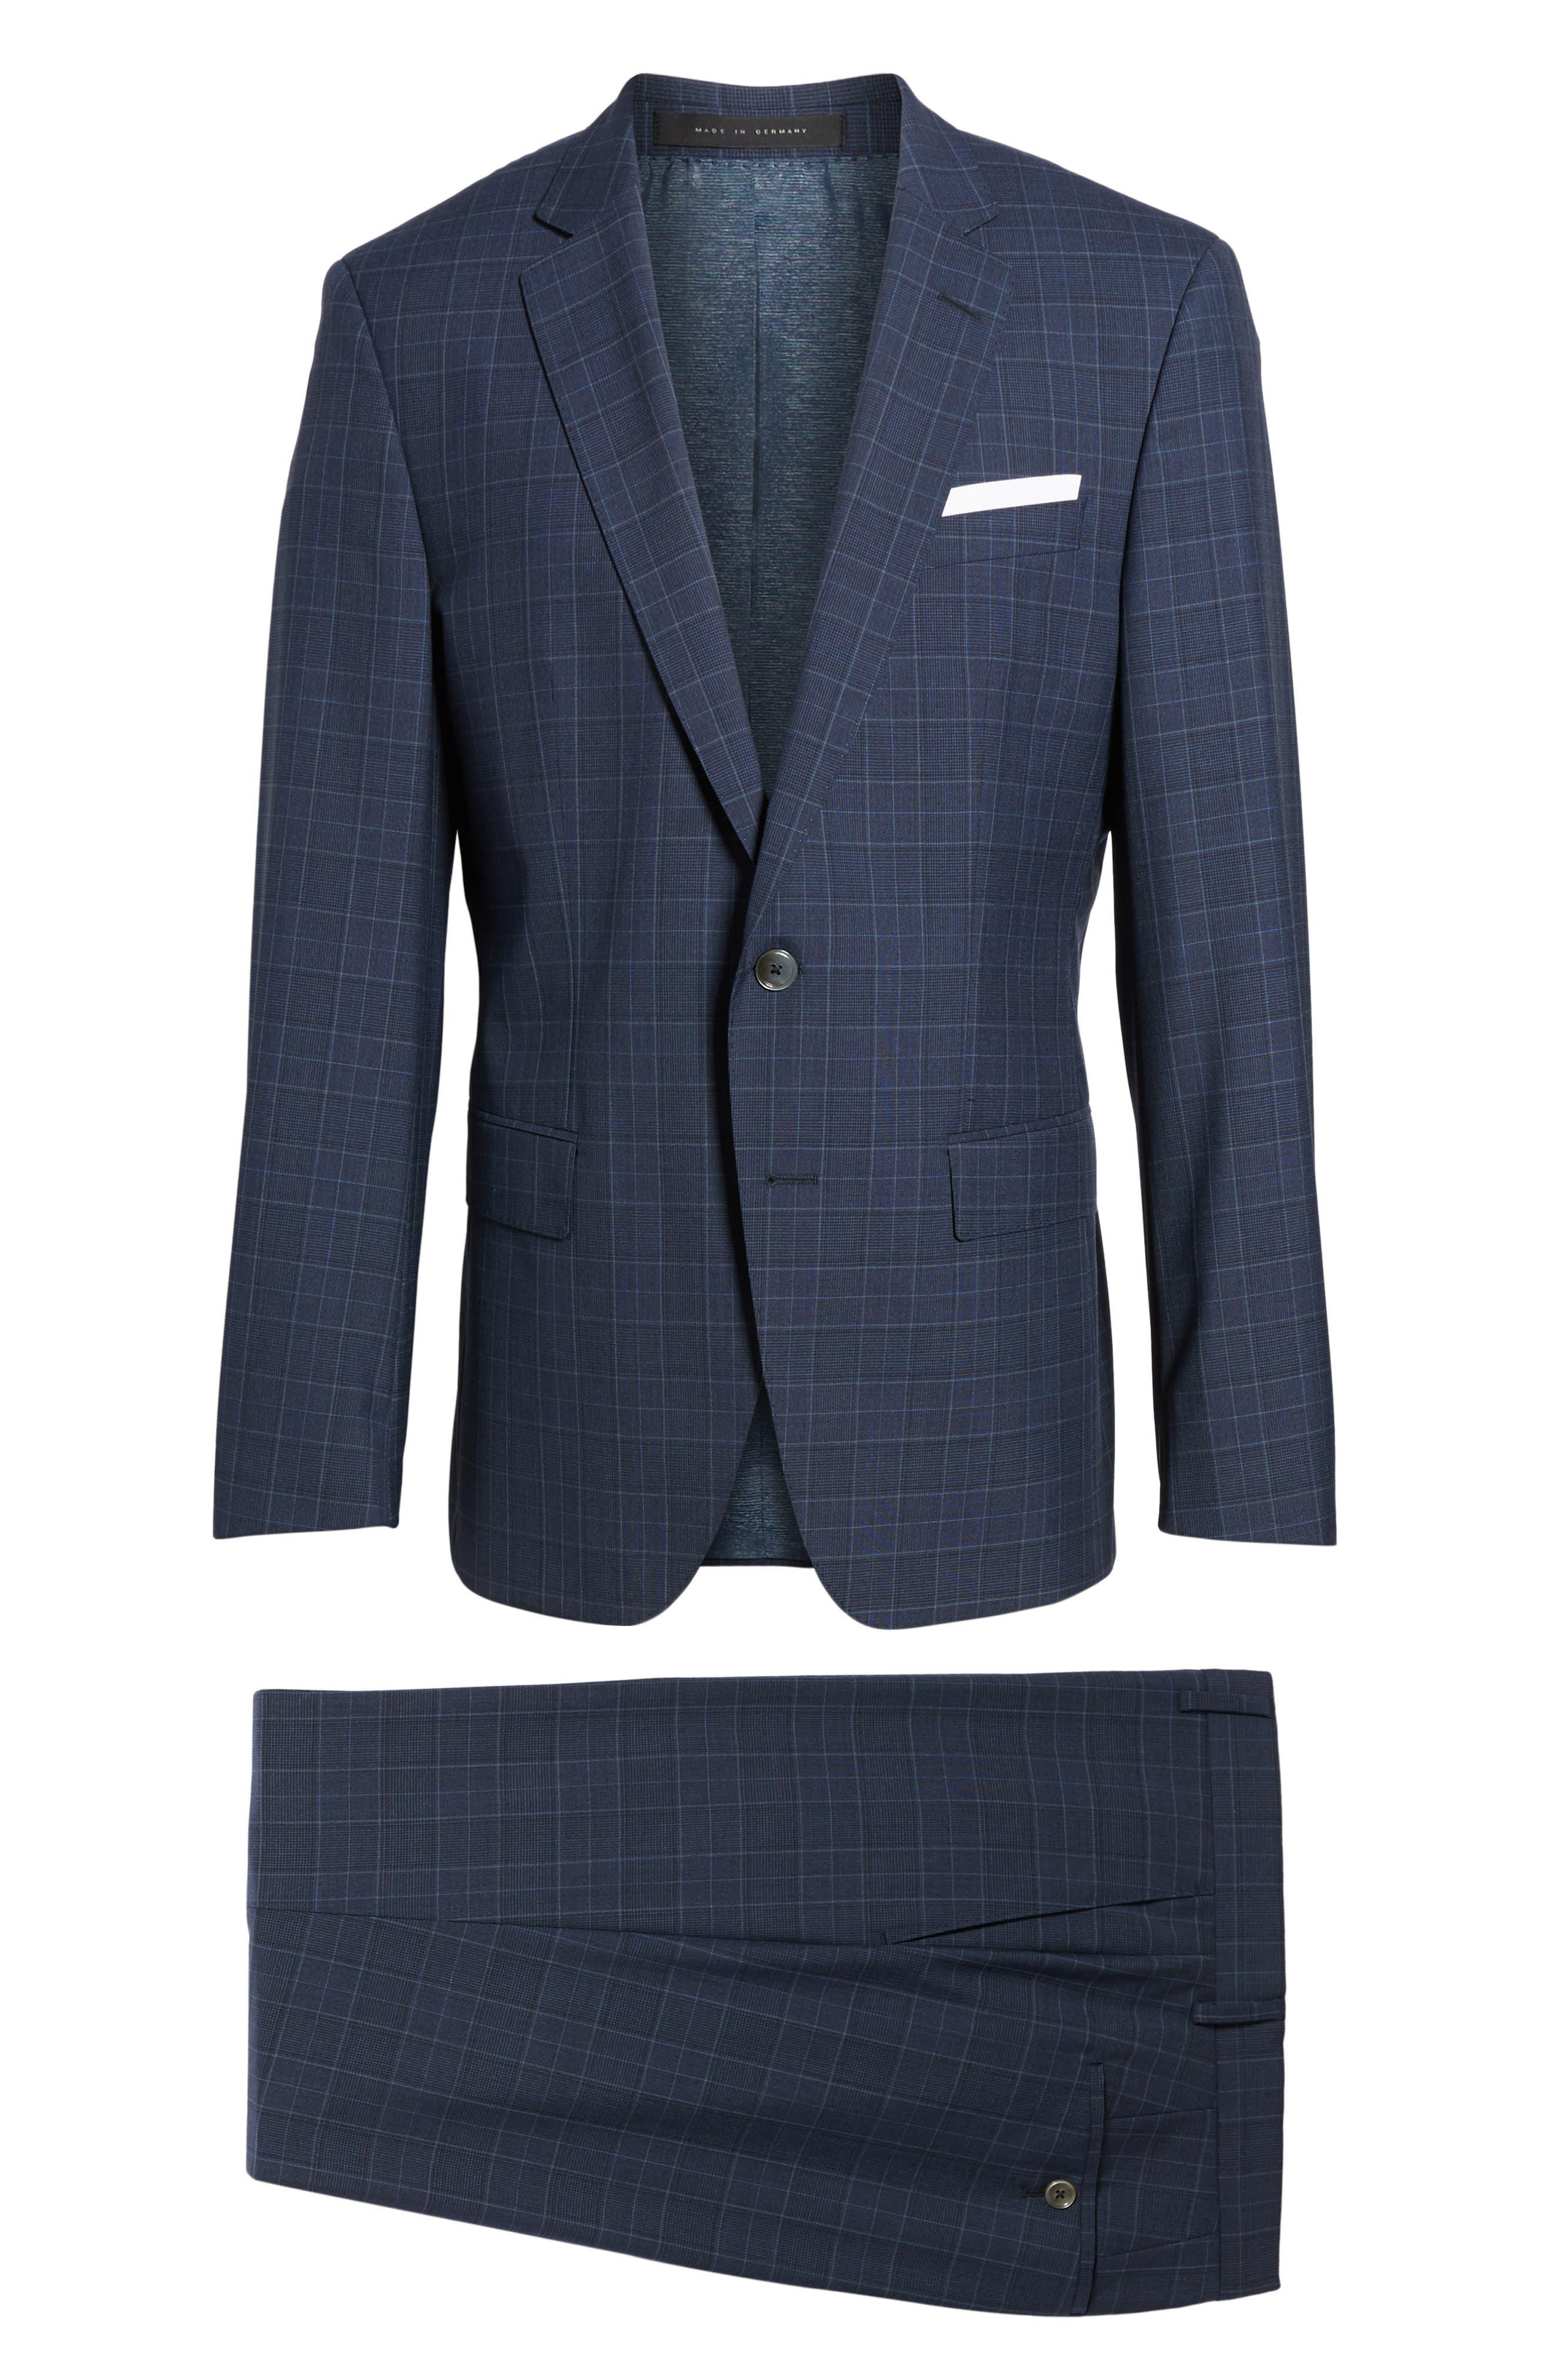 Hutson/Gander Trim Fit Plaid Wool Suit,                             Alternate thumbnail 8, color,                             410